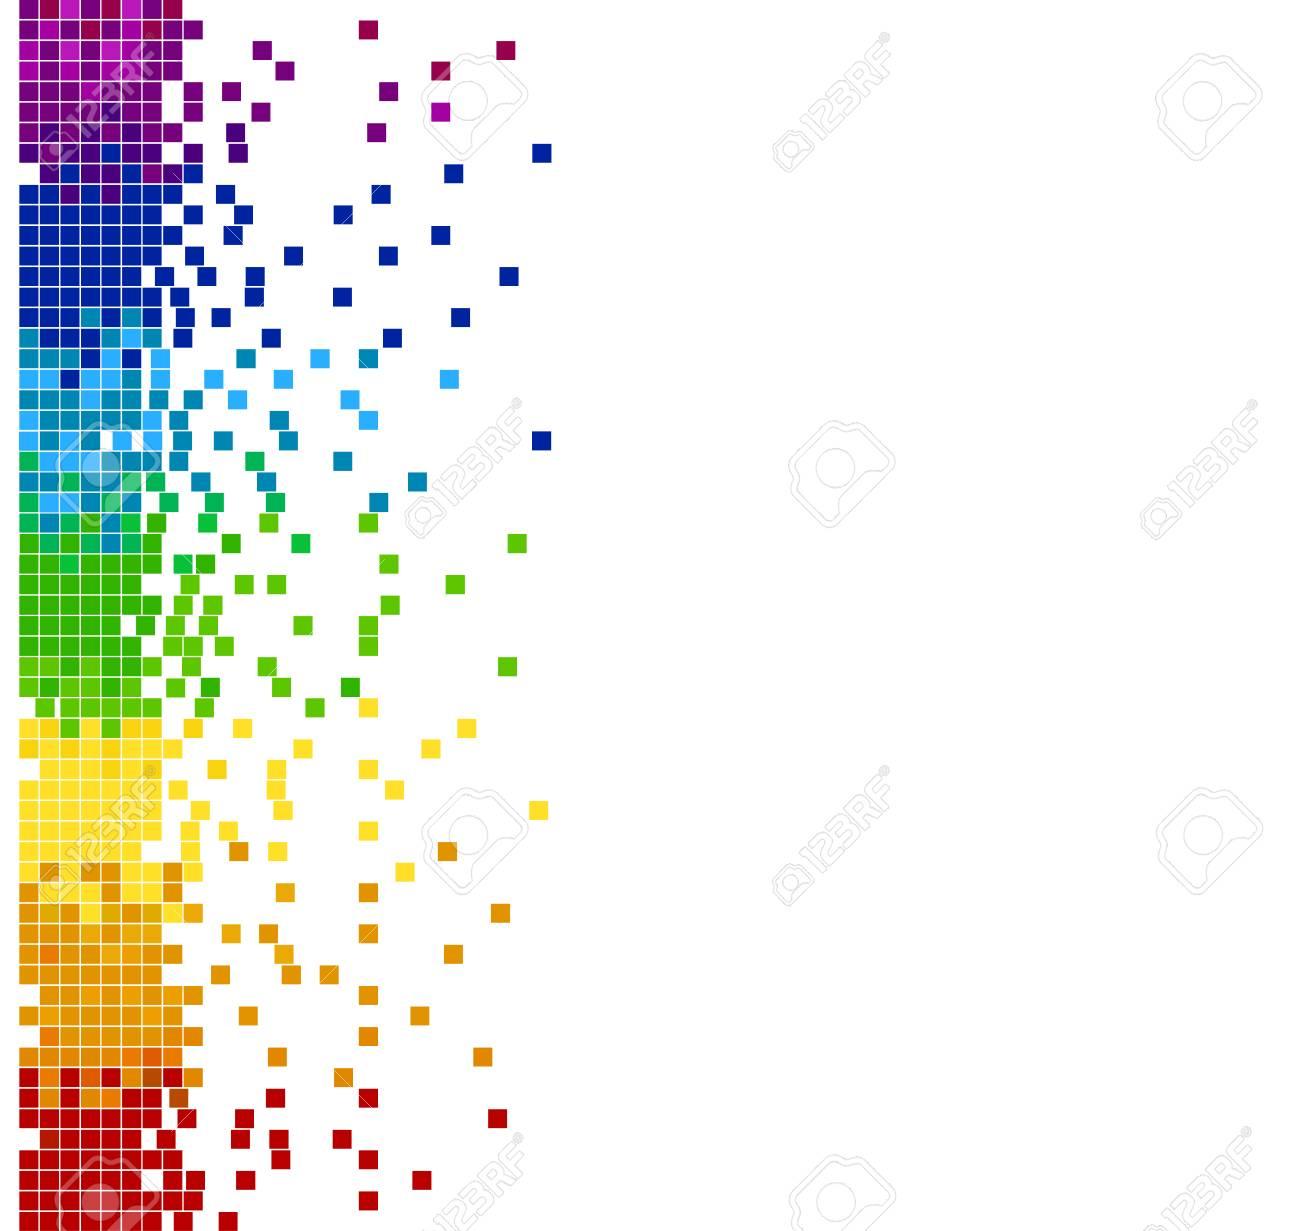 明るいの垂直色モザイクのピクセル ブロックベクトル イラスト - 背景色